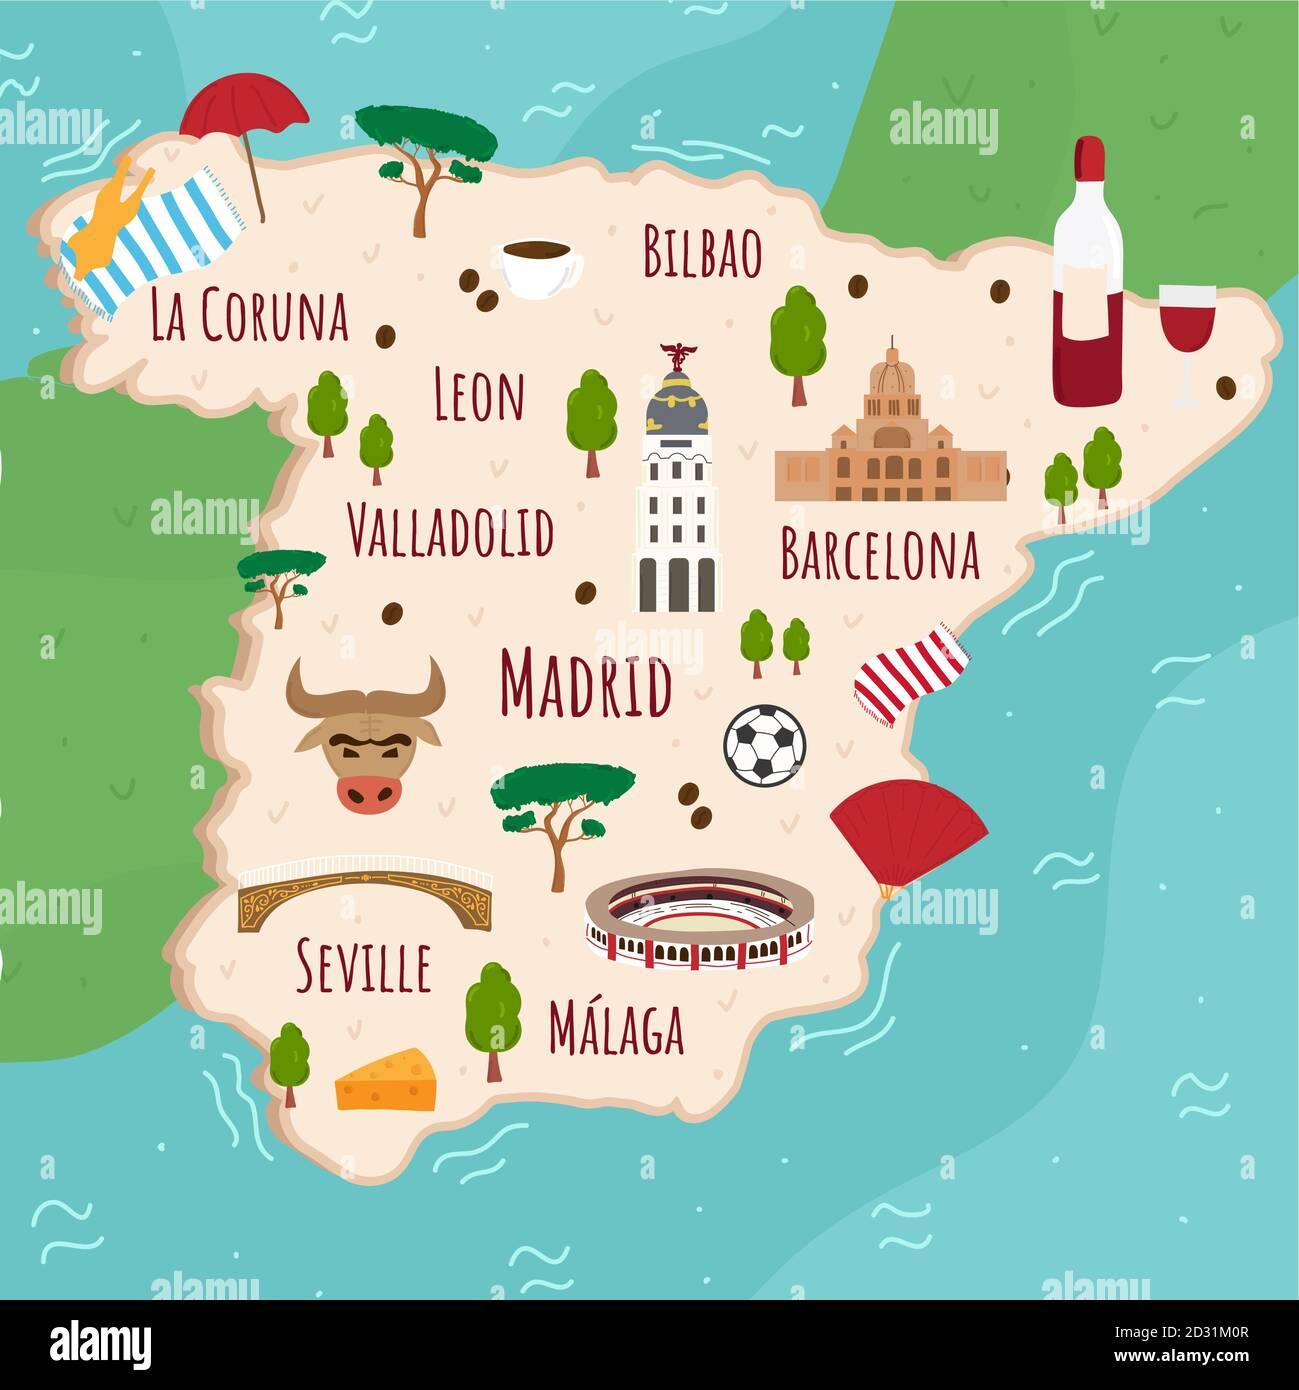 Cartina Turistica Spagna.Cartoon Mappa Della Spagna Viaggia Con Un Illustrazione Dei Monumenti Storici Degli Edifici Del Cibo E Delle Piante Spagnole Infografiche Turistiche Divertenti Simboli Nazionali Famoso Immagine E Vettoriale Alamy